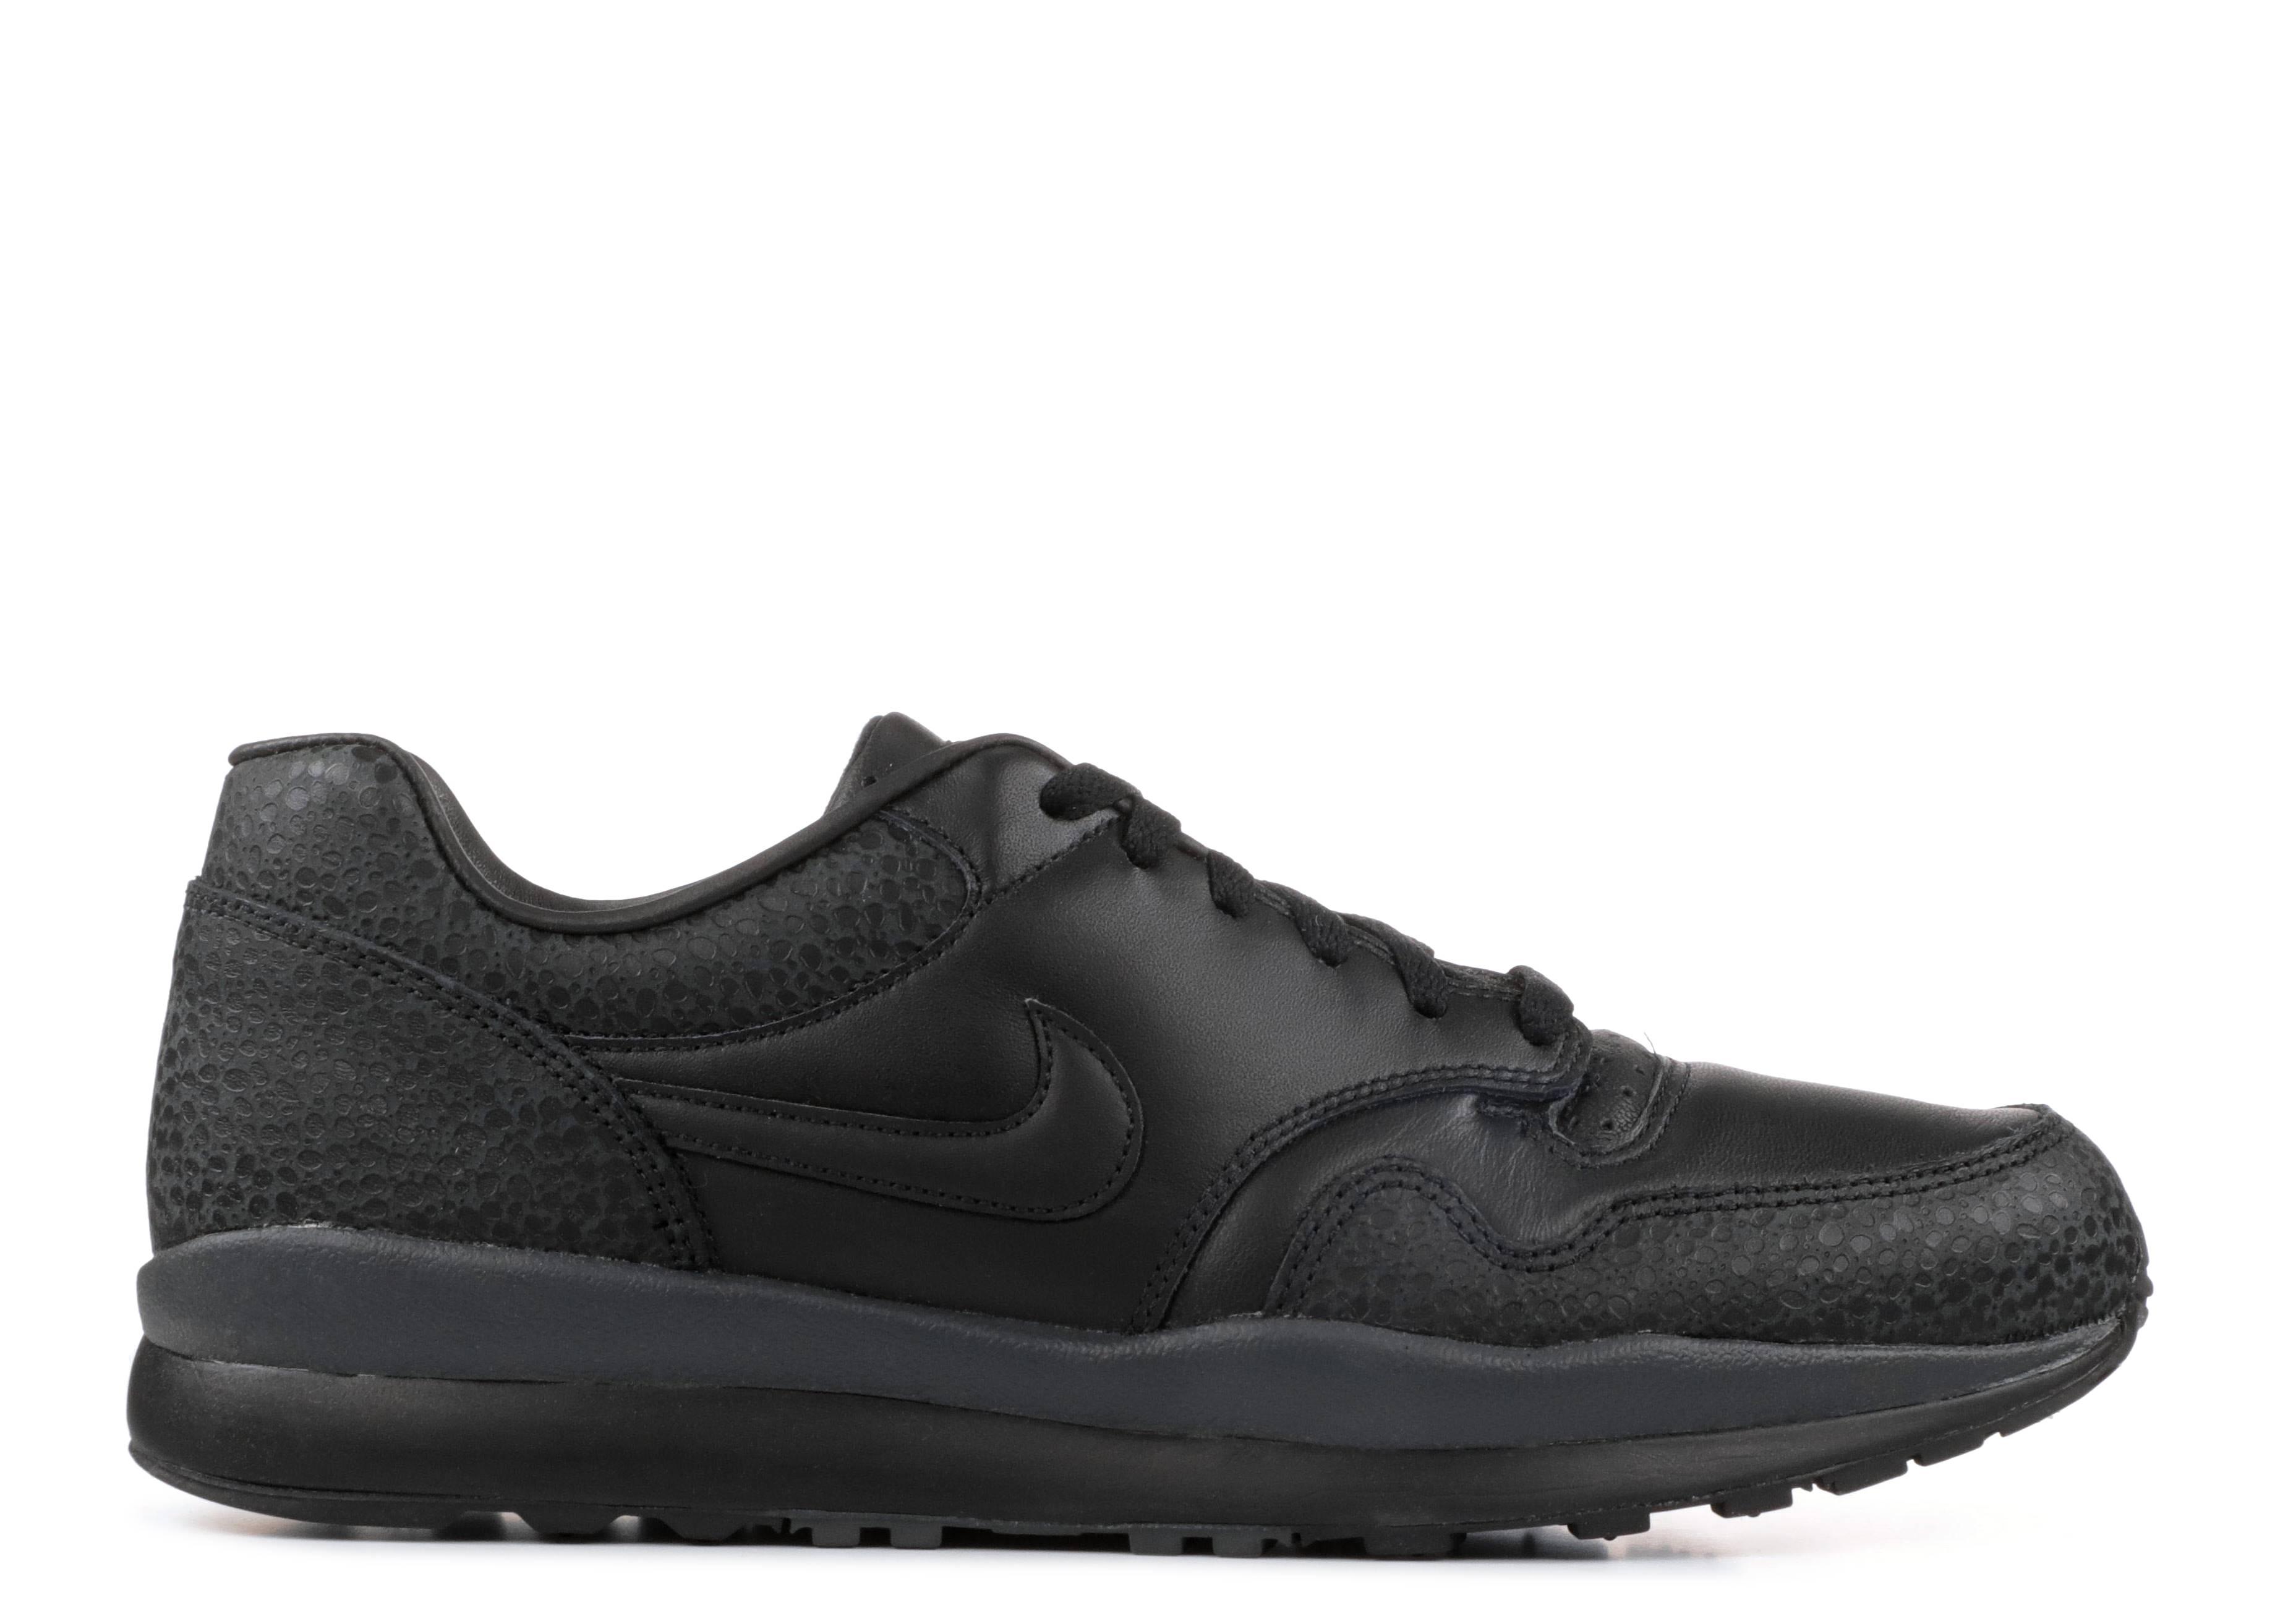 separation shoes 682c6 13f94 nike air safari qs ao3295 002 32 ... 436d16590